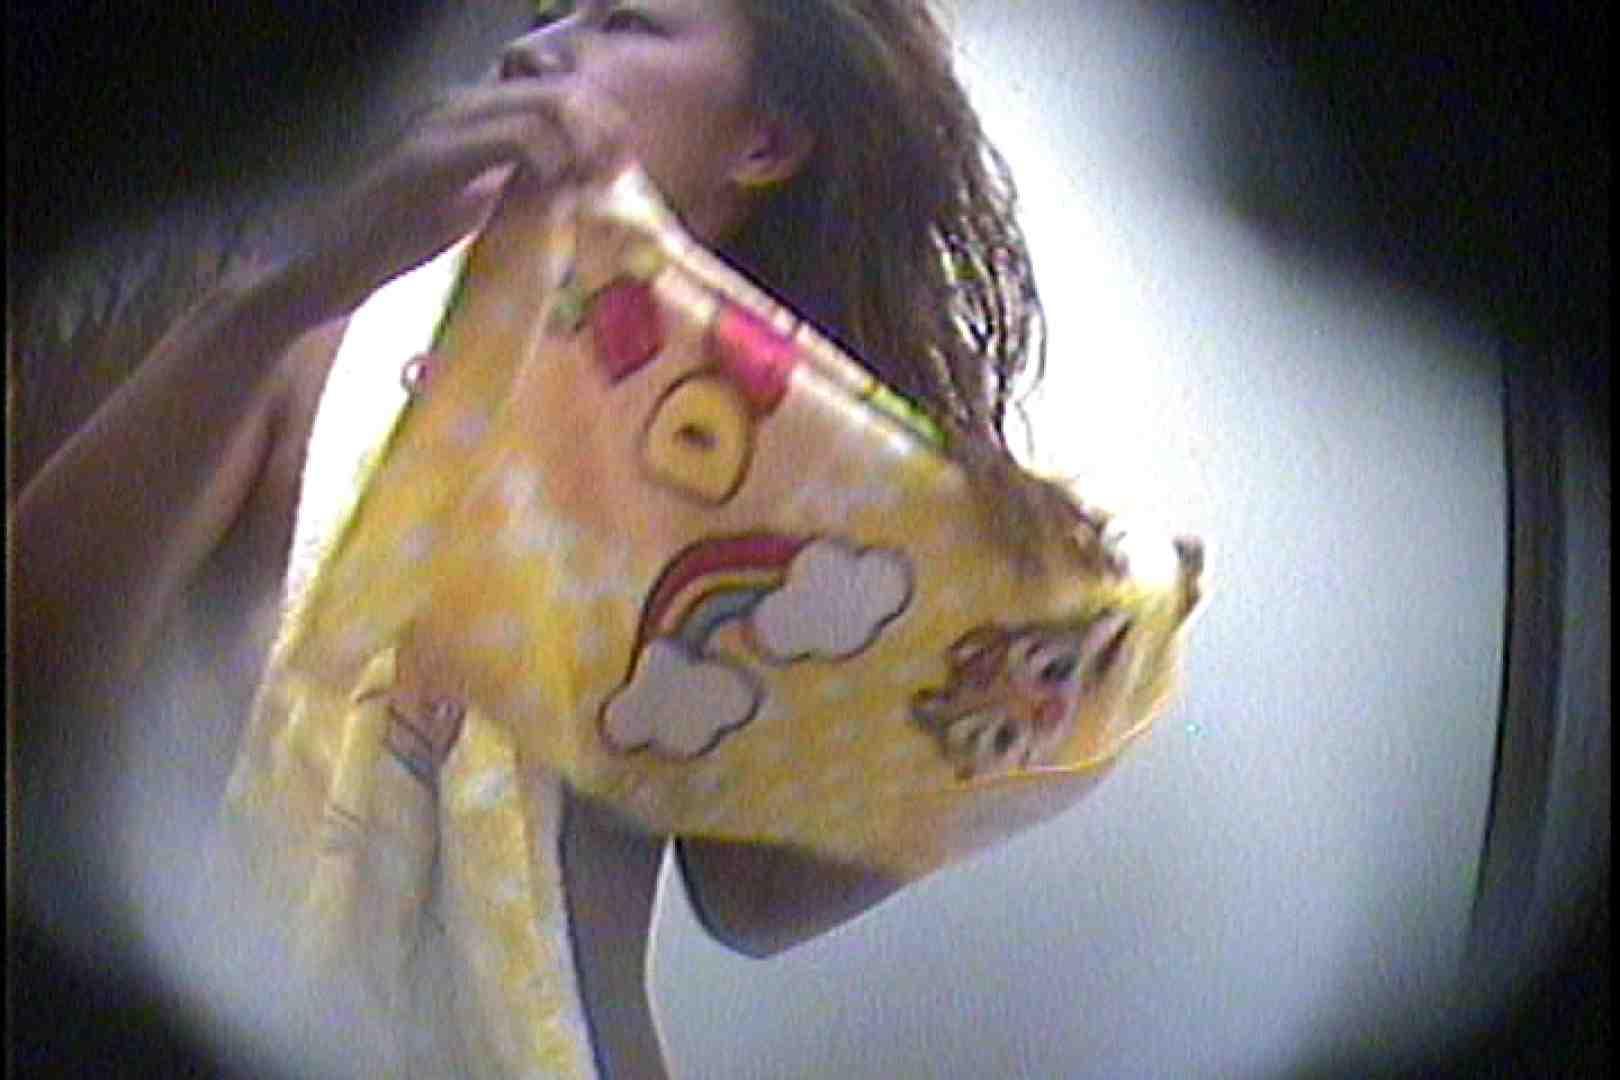 海の家の更衣室 Vol.23 美女 スケベ動画紹介 77連発 73